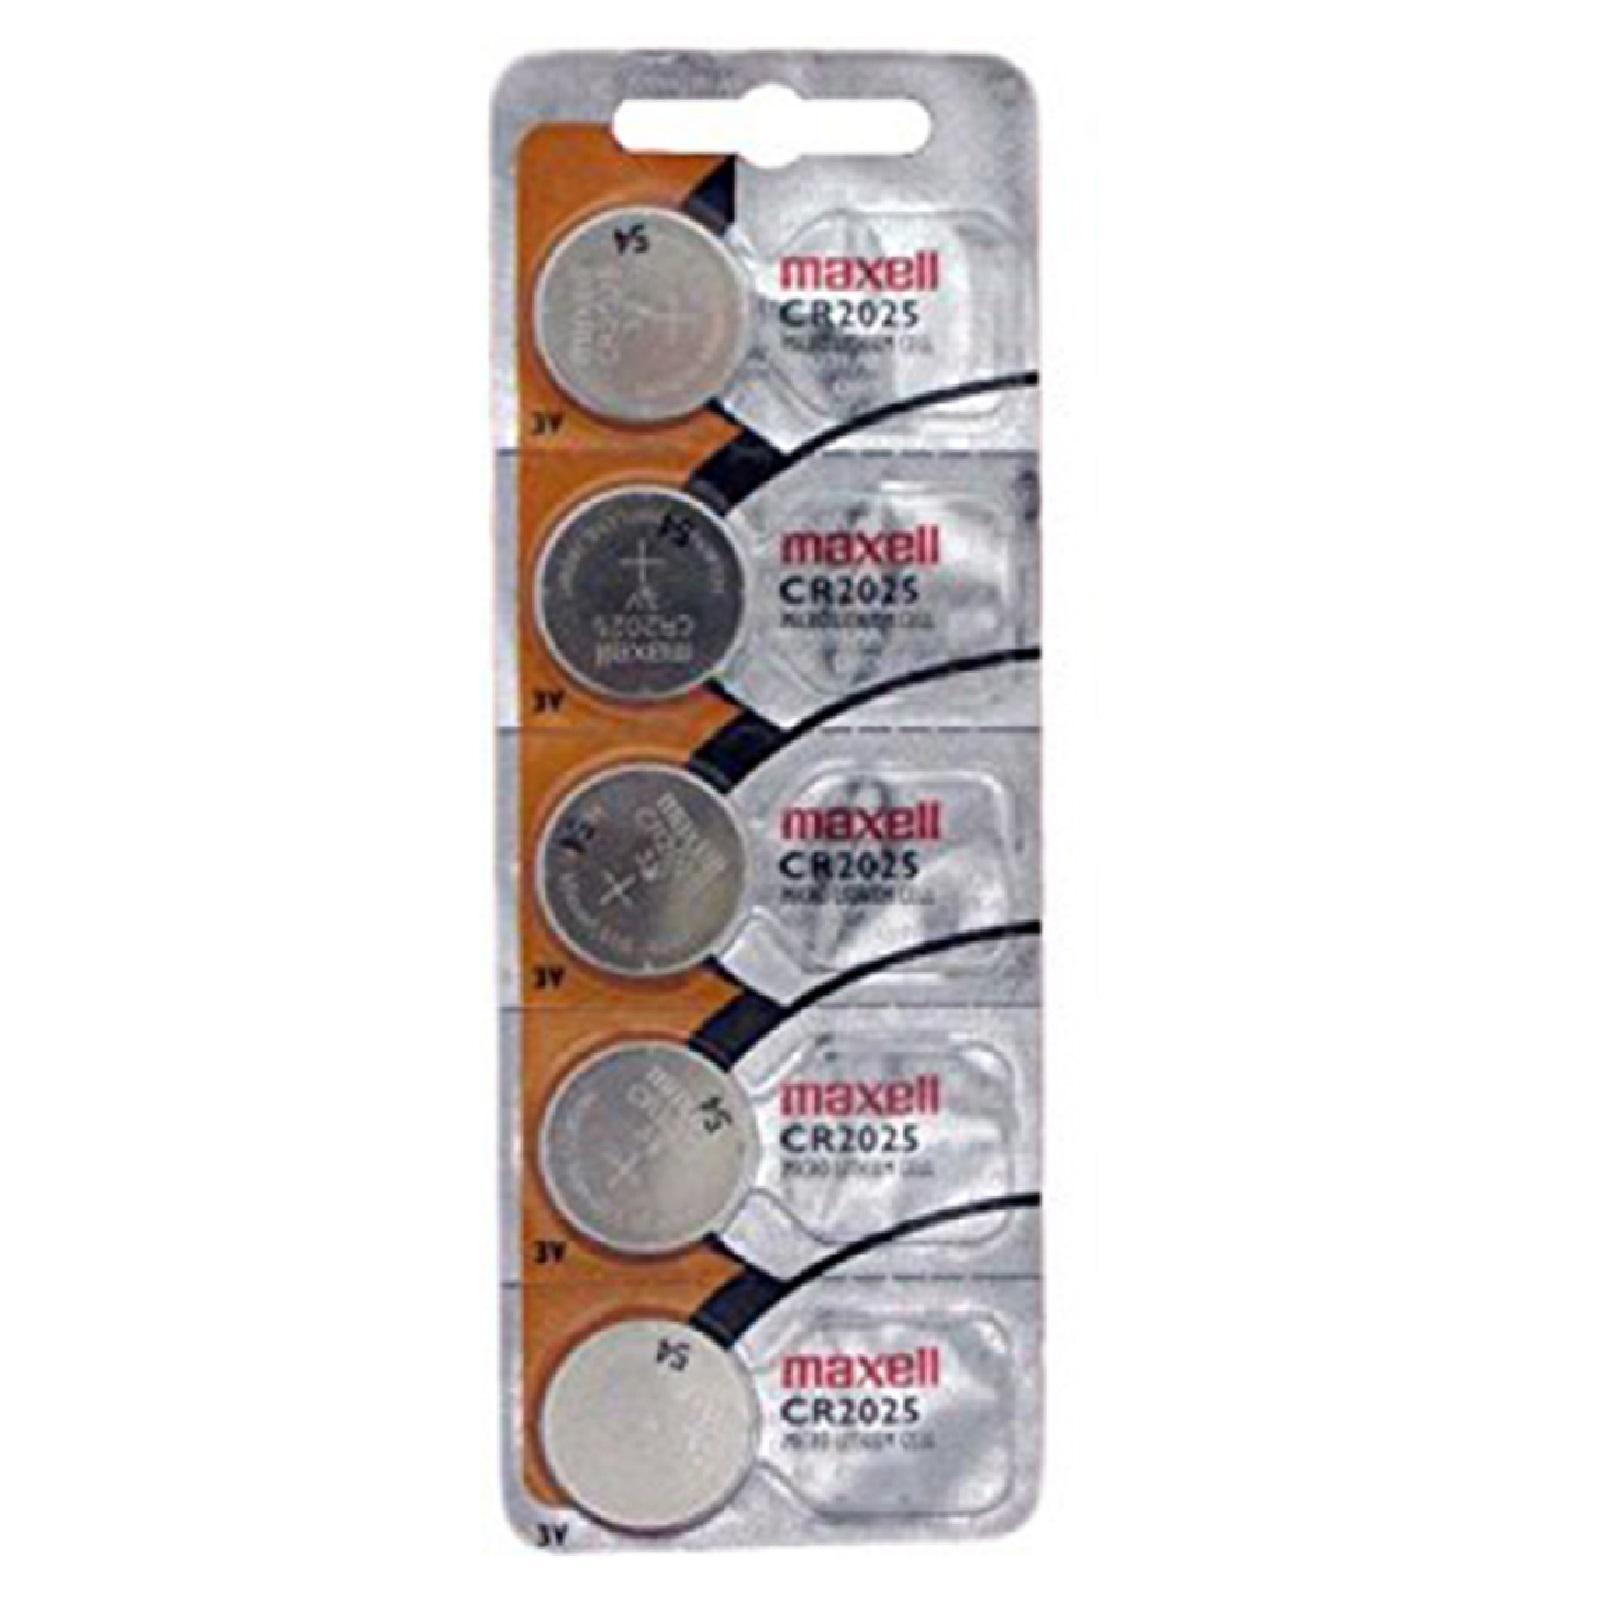 Pilas De Boton Maxell Bateria Original Litio CR2025 3V En Blister 2X Unidades